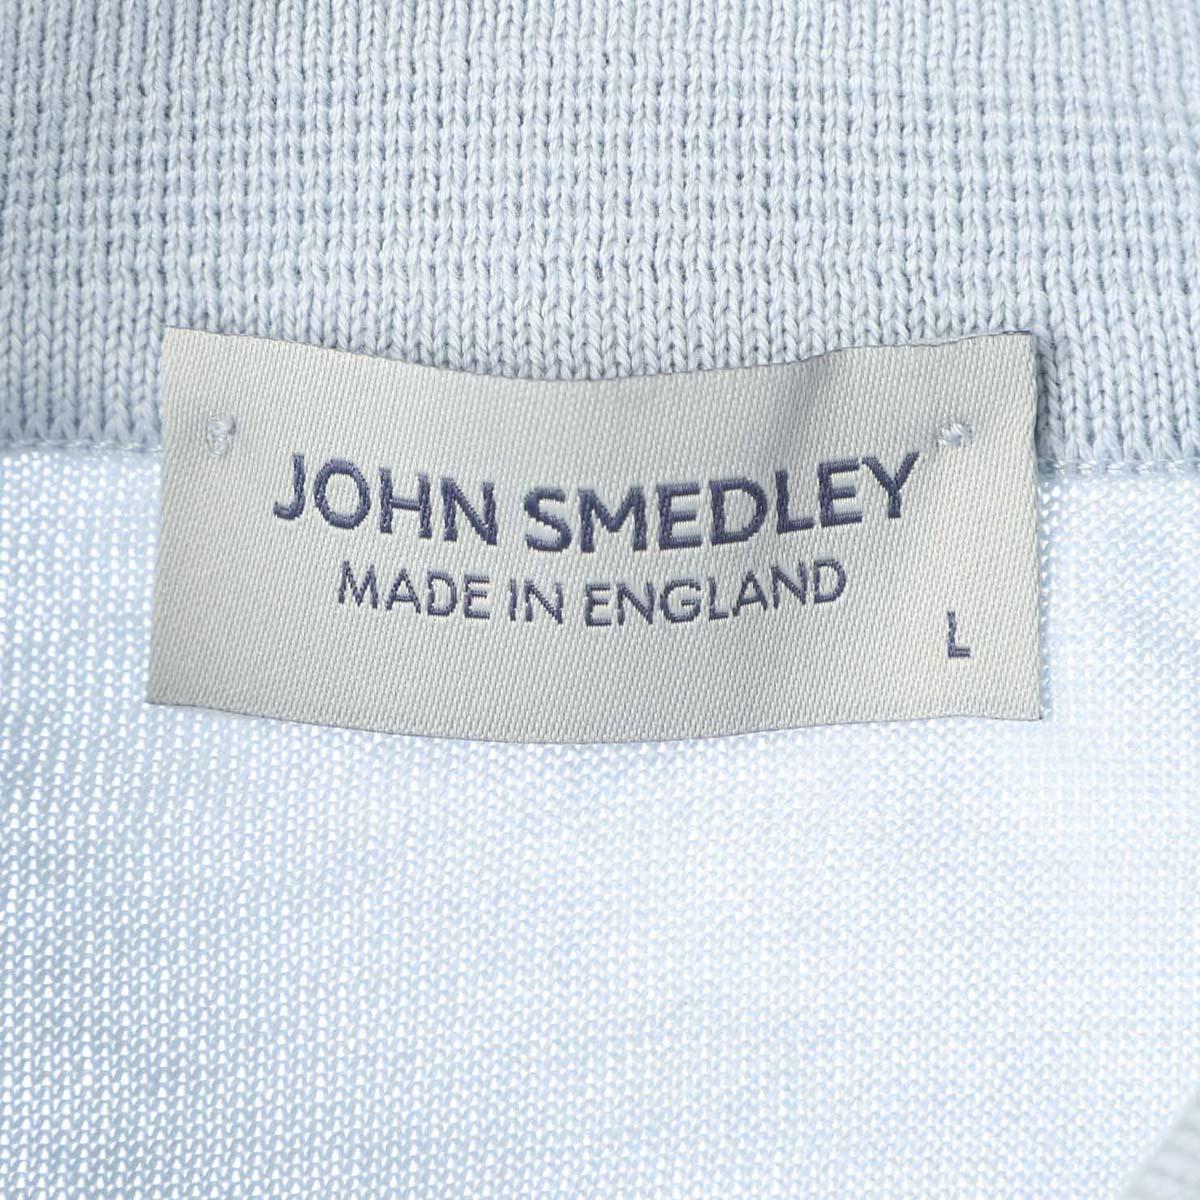 【アウトレット】JOHN SMEDLEY ジョンスメドレー ニットポロシャツ/RHODES 30ゲージ メンズ